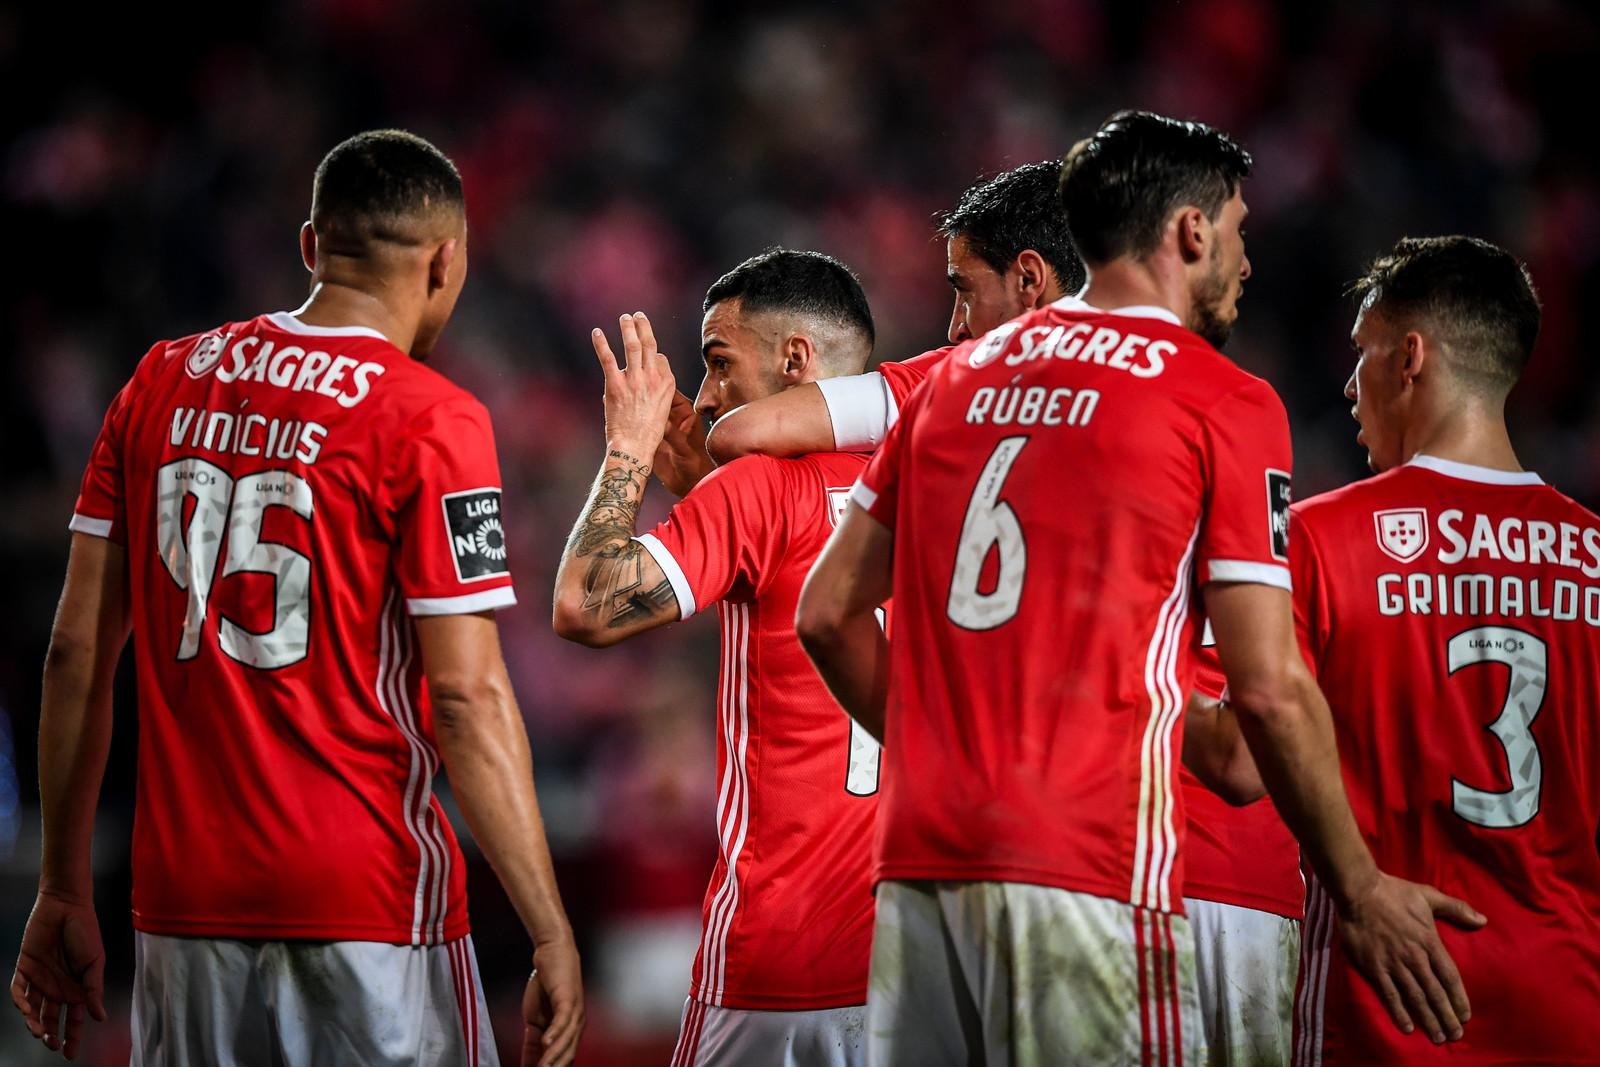 2) Benfica: +166 milioni (64 spesi, 230 guadagnati)